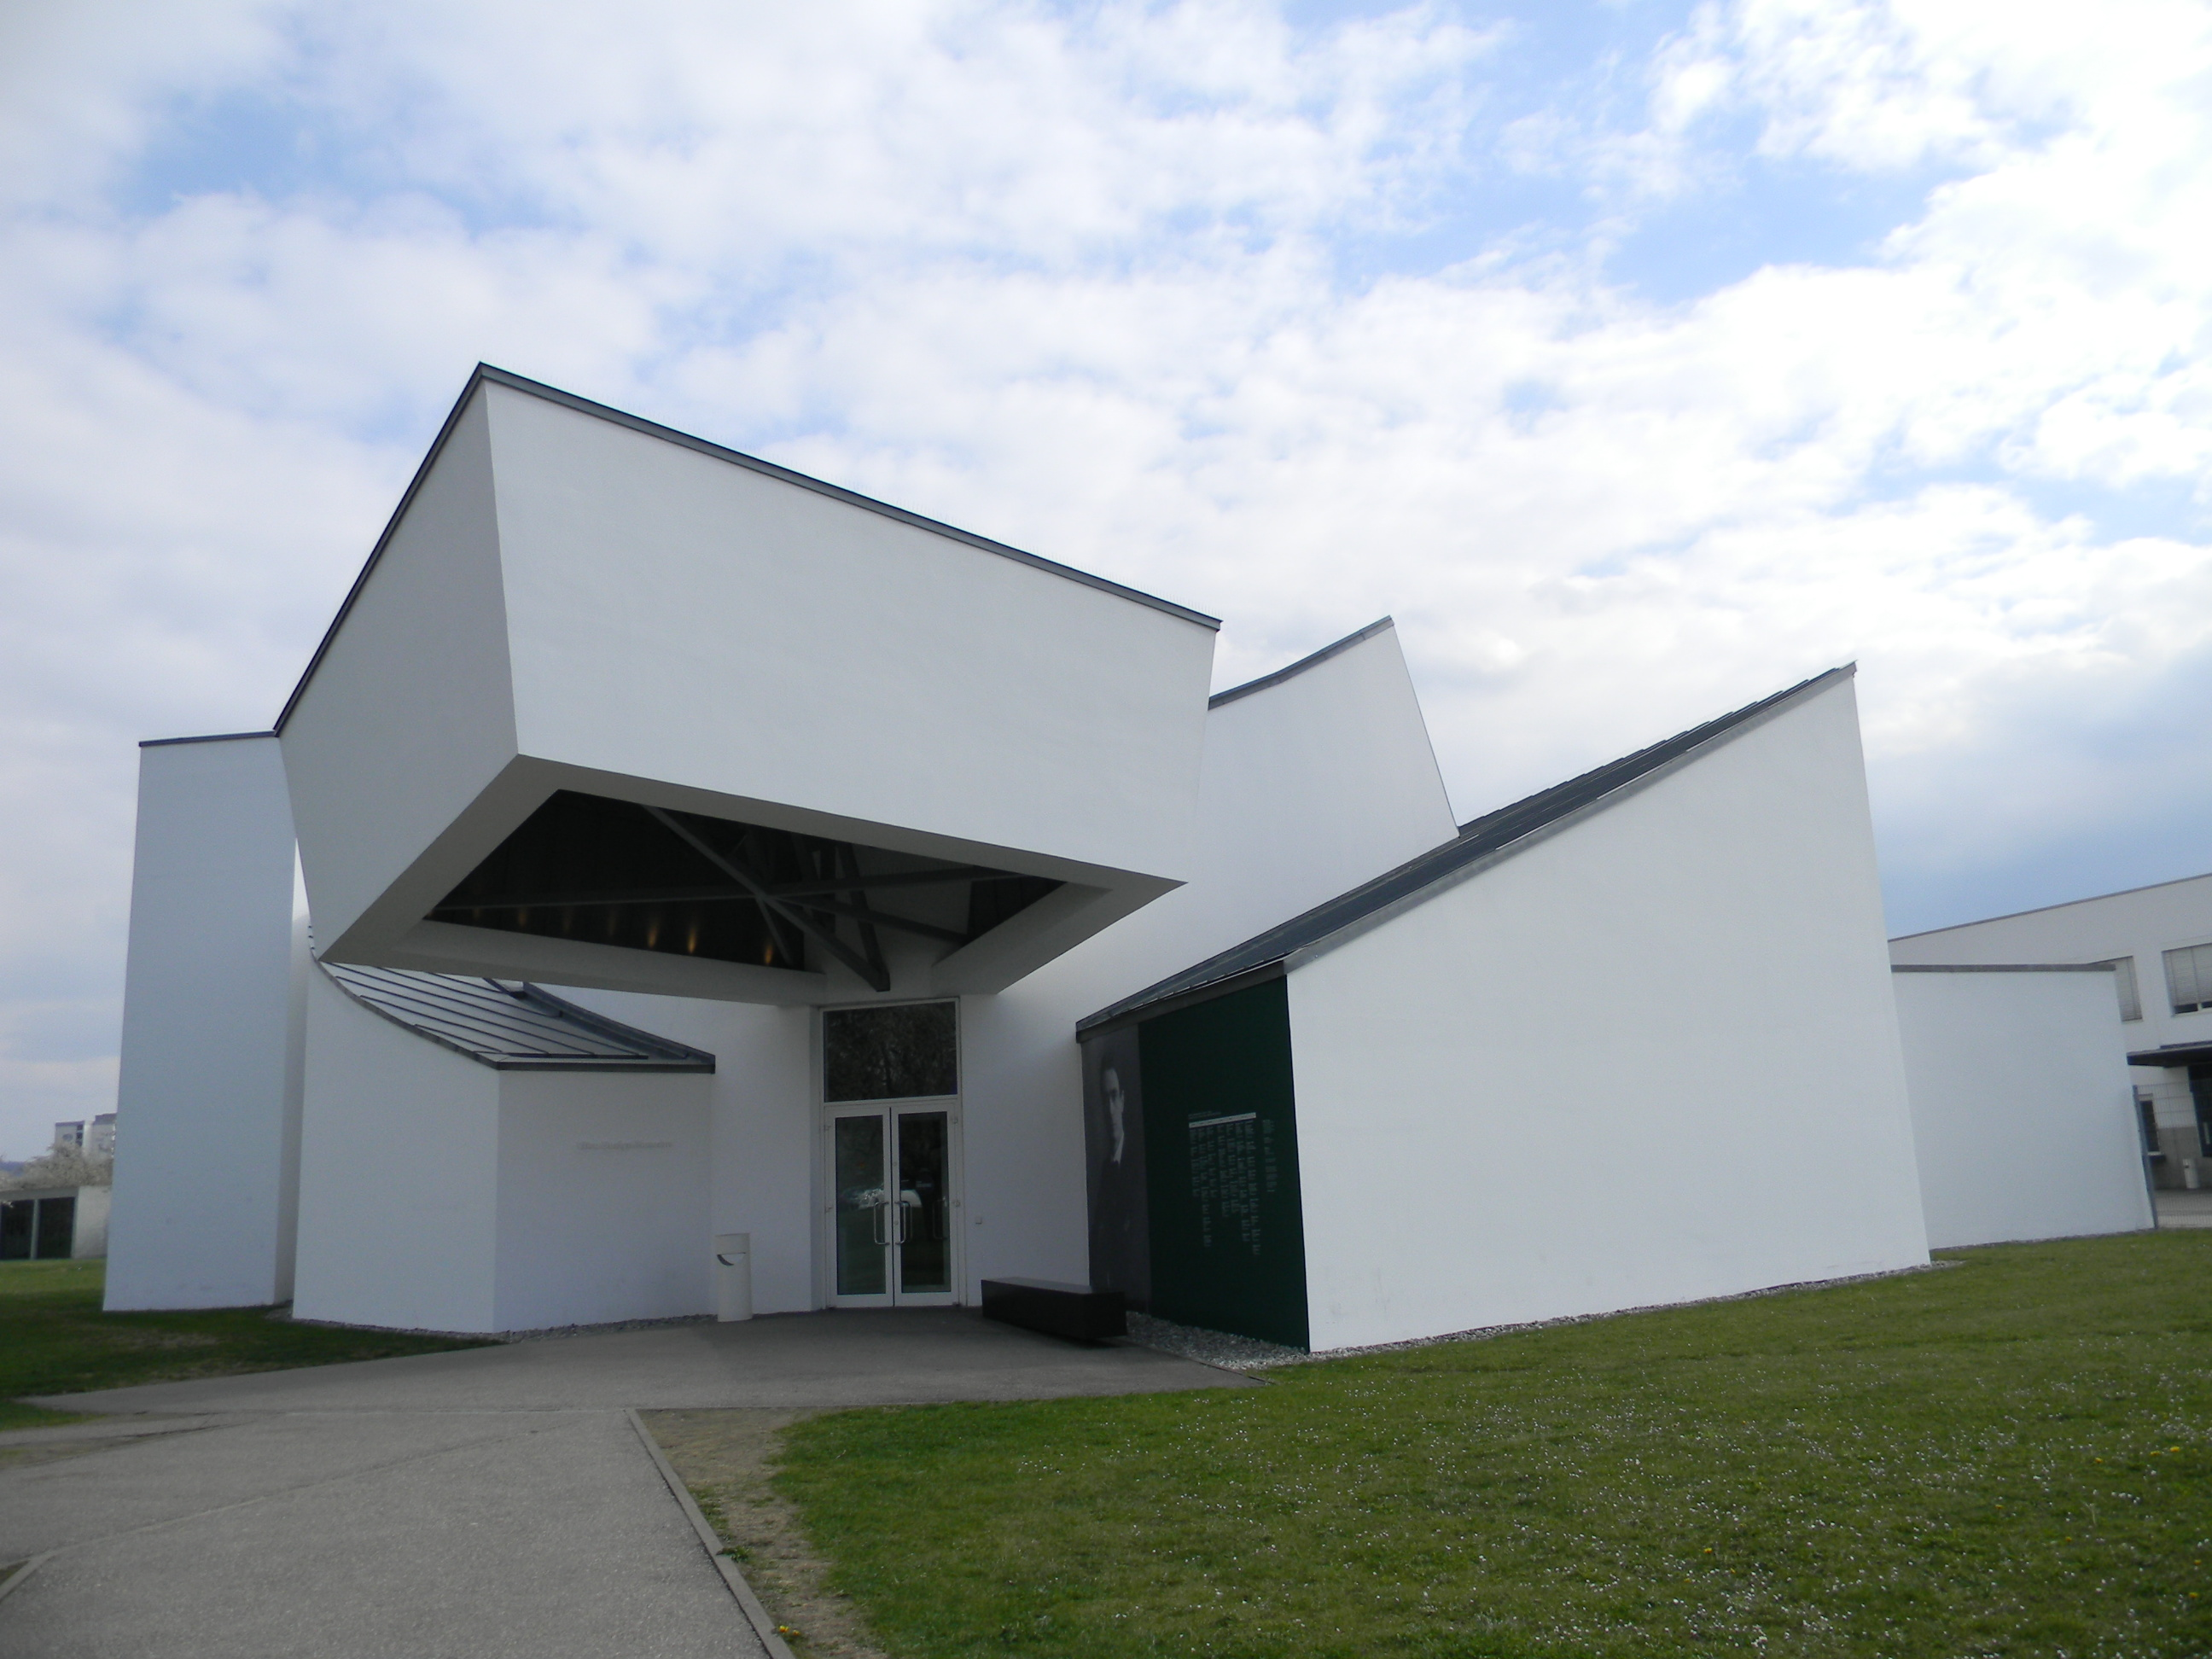 casa moderna architettura moderna : Moderno e tradizionale si intrecciano in un quadro d?insieme ...